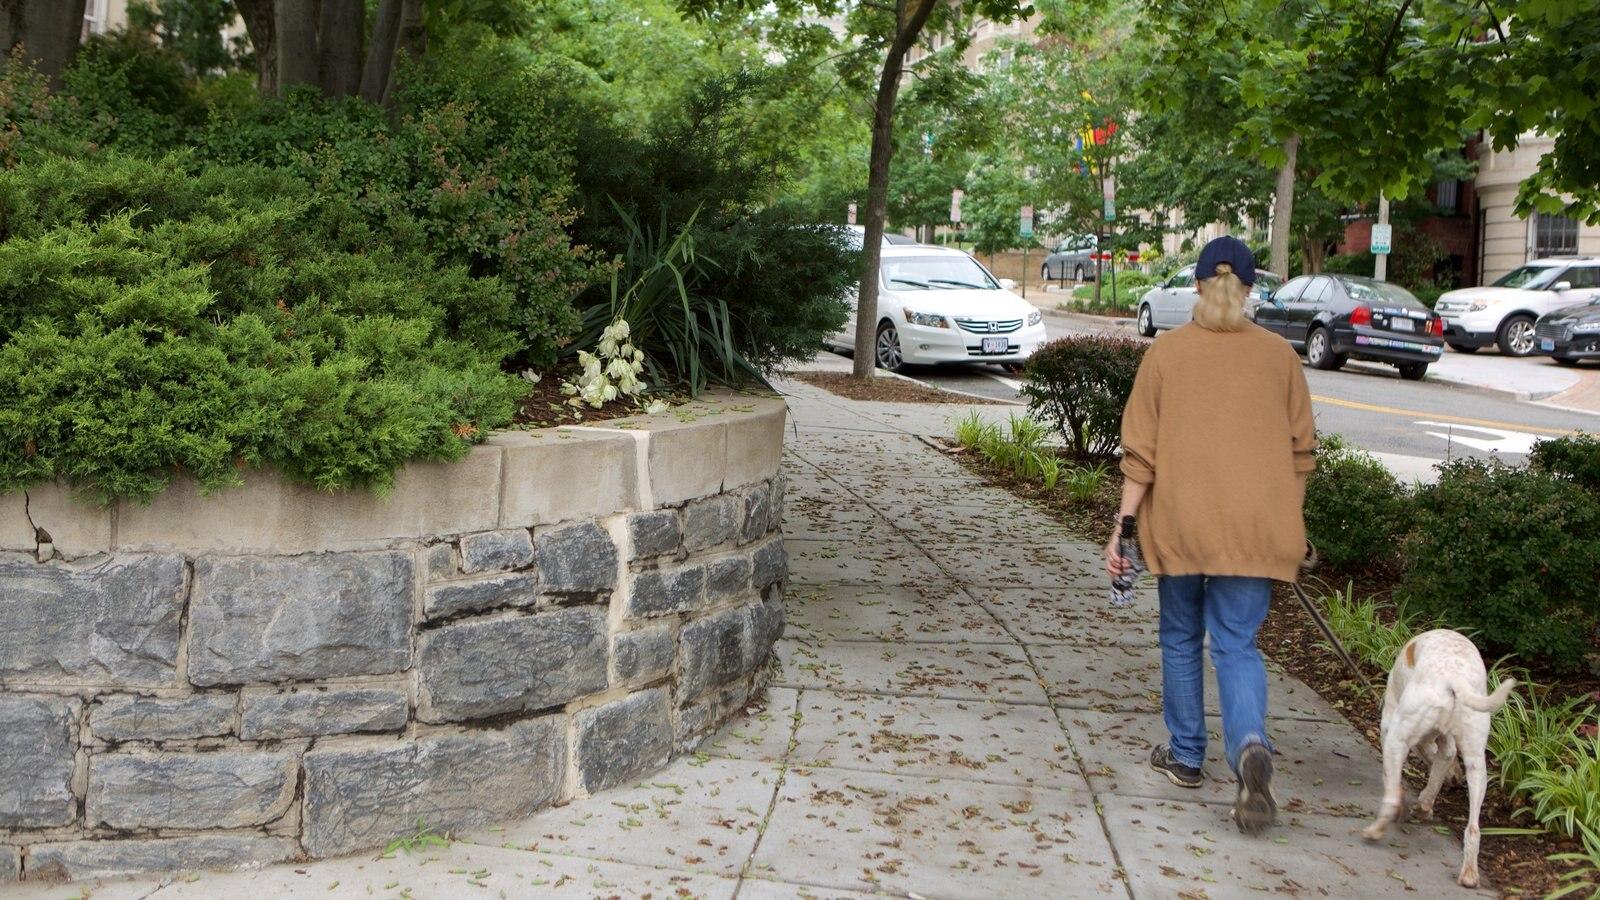 Embassy Row mostrando um parque assim como uma mulher sozinha